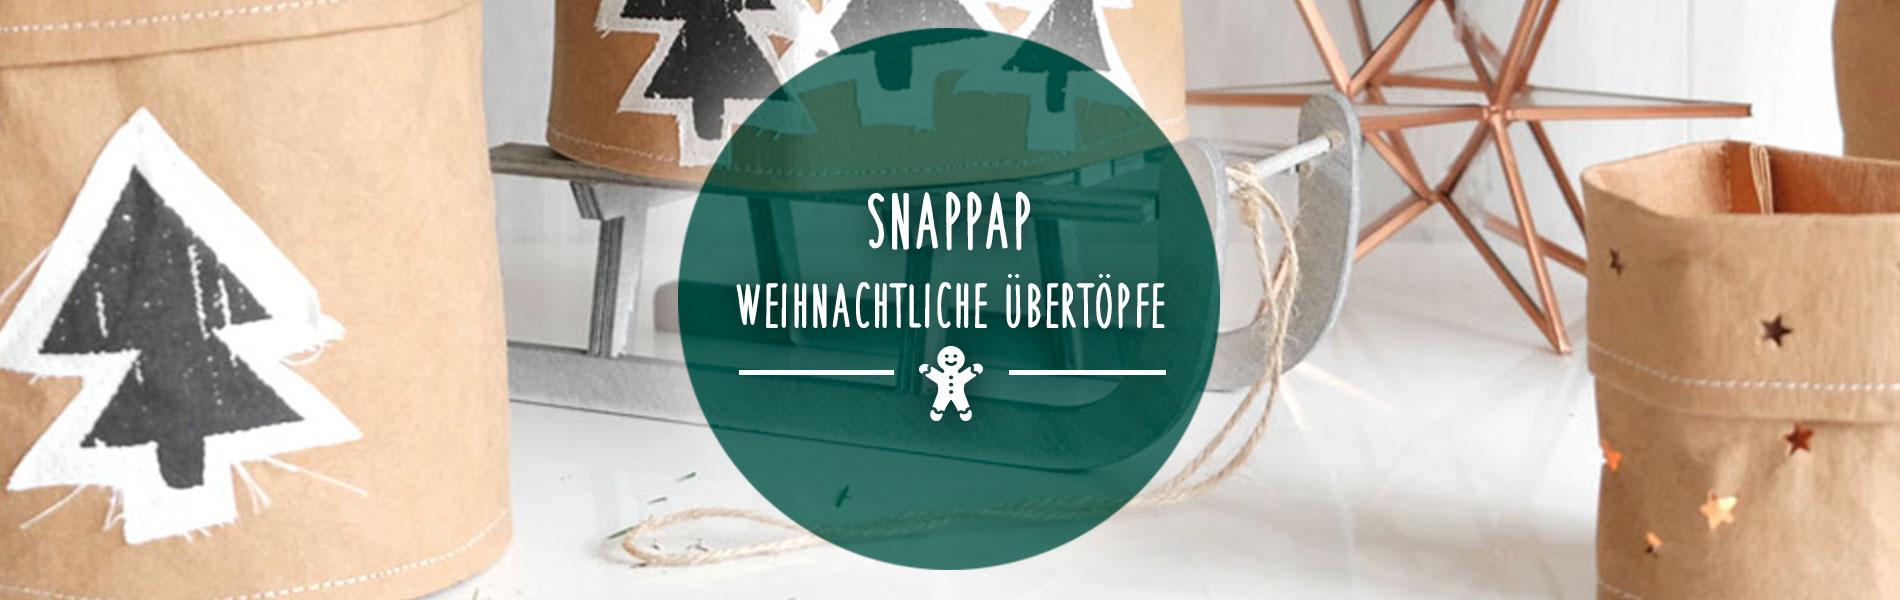 Christmas_SnapPap-weihnachtliche-Übertöpfe_top-banner-DE